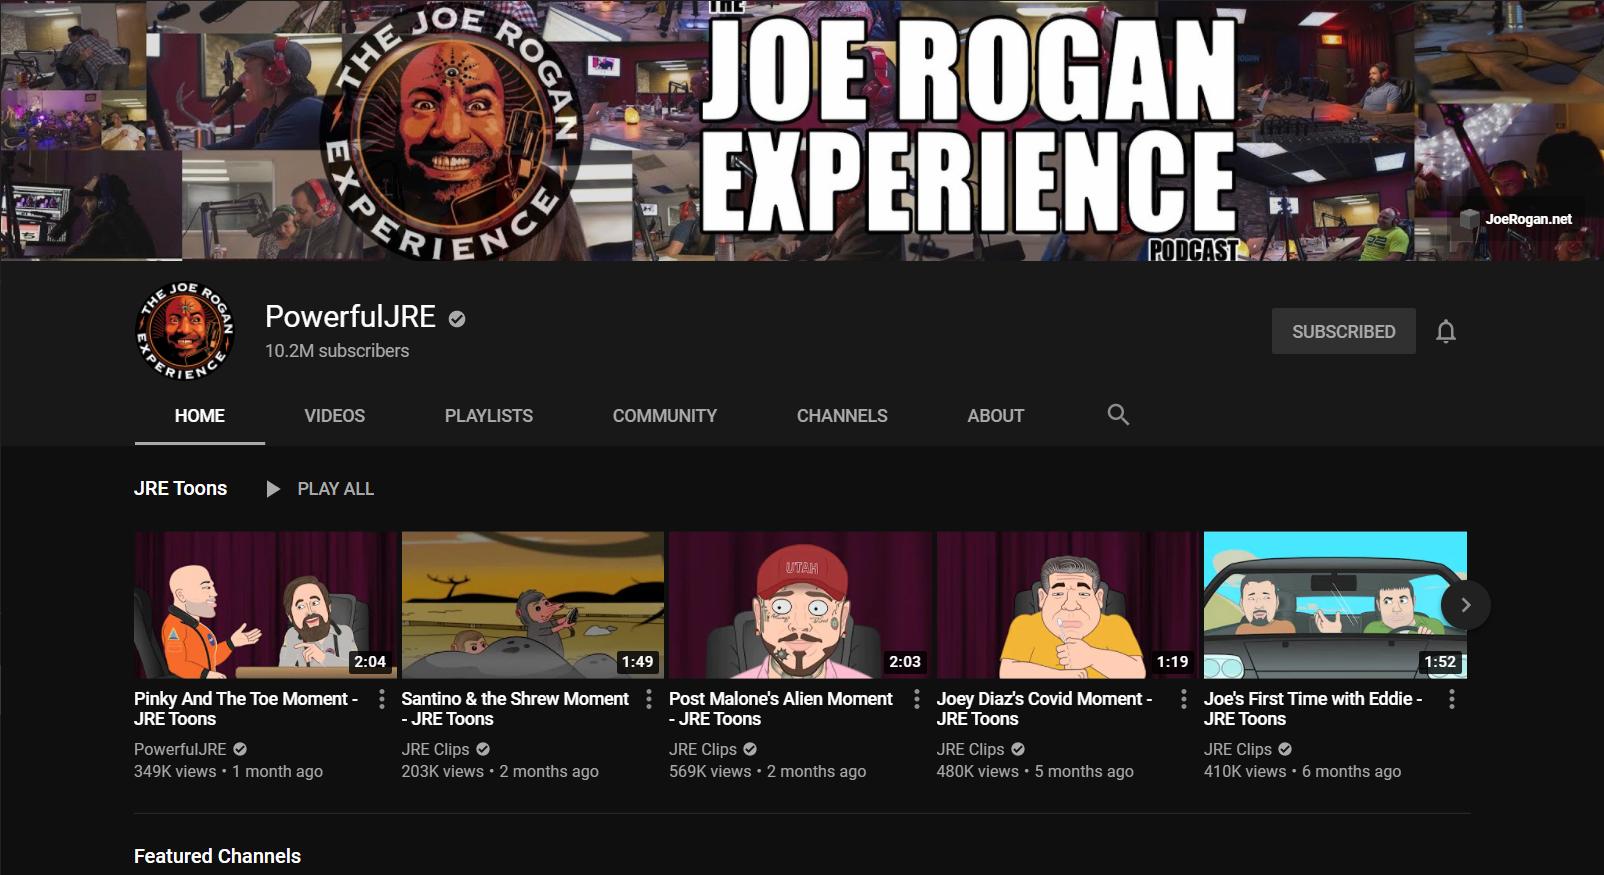 The Joe Rogan Experience.